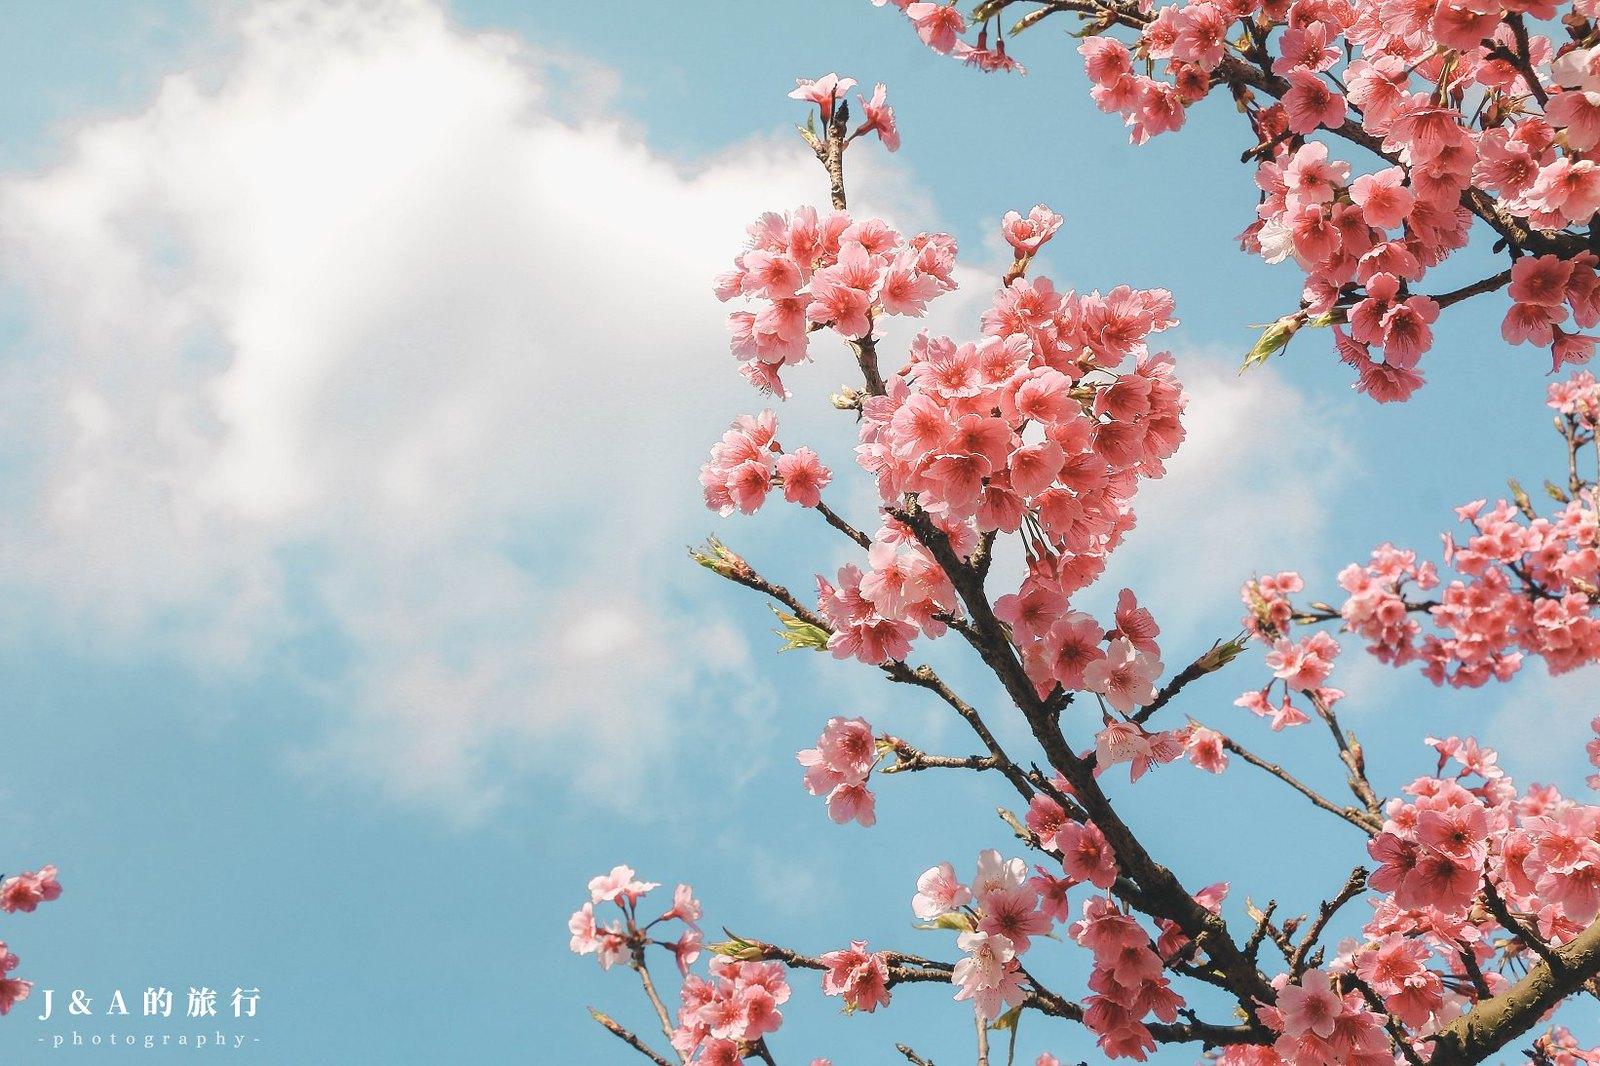 最新推播訊息:熱門春季賞櫻景點,搭捷運就能輕鬆抵達